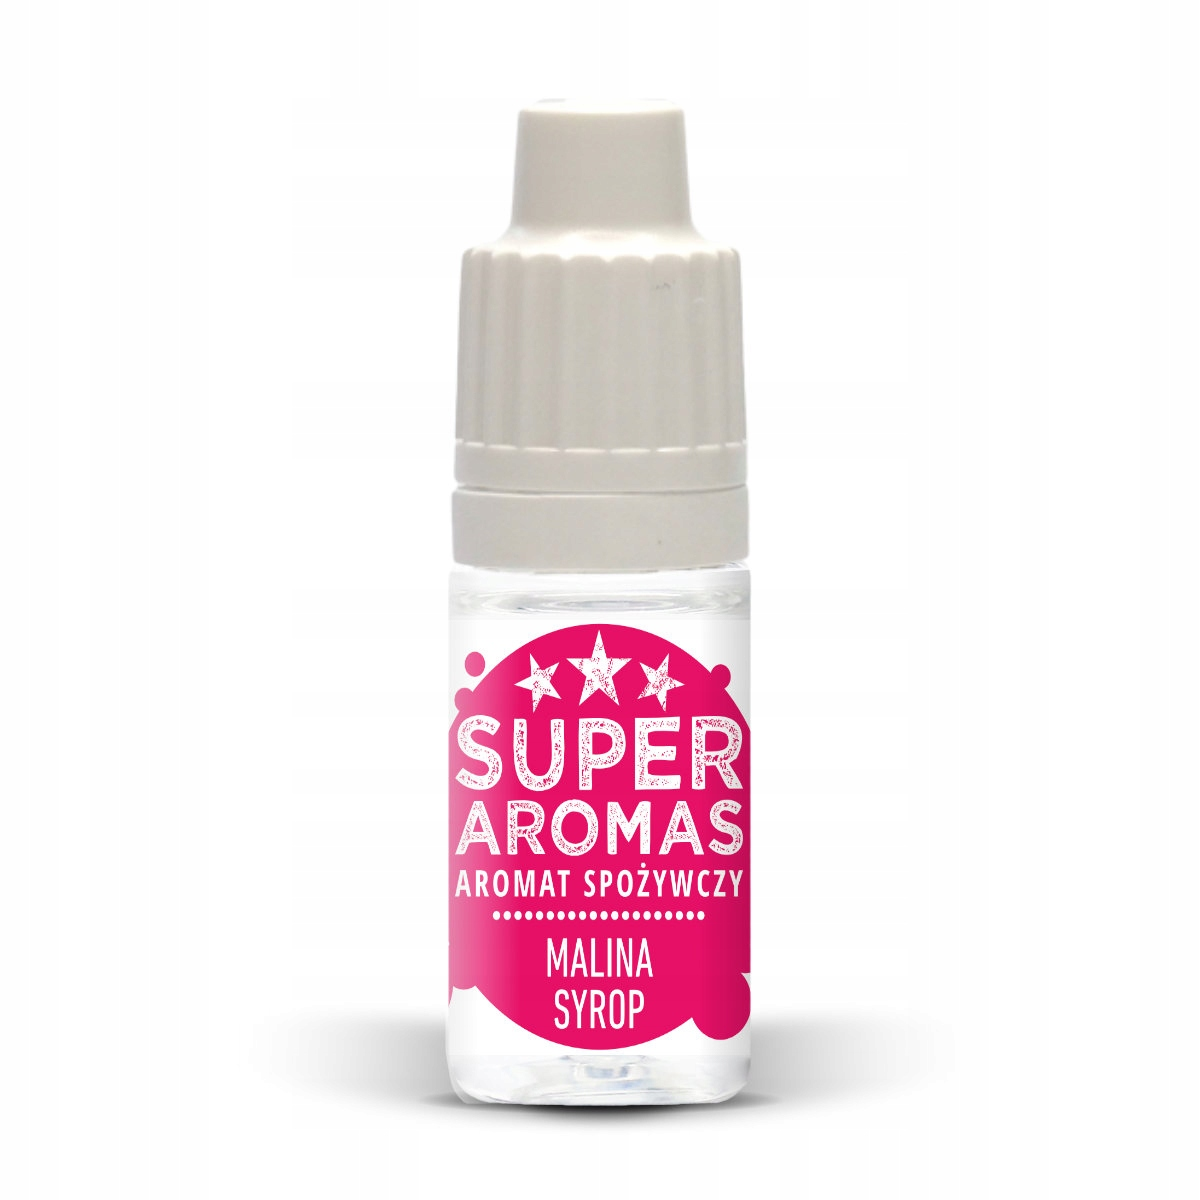 Малиновый сироп пищевой ароматизатор 10 мл